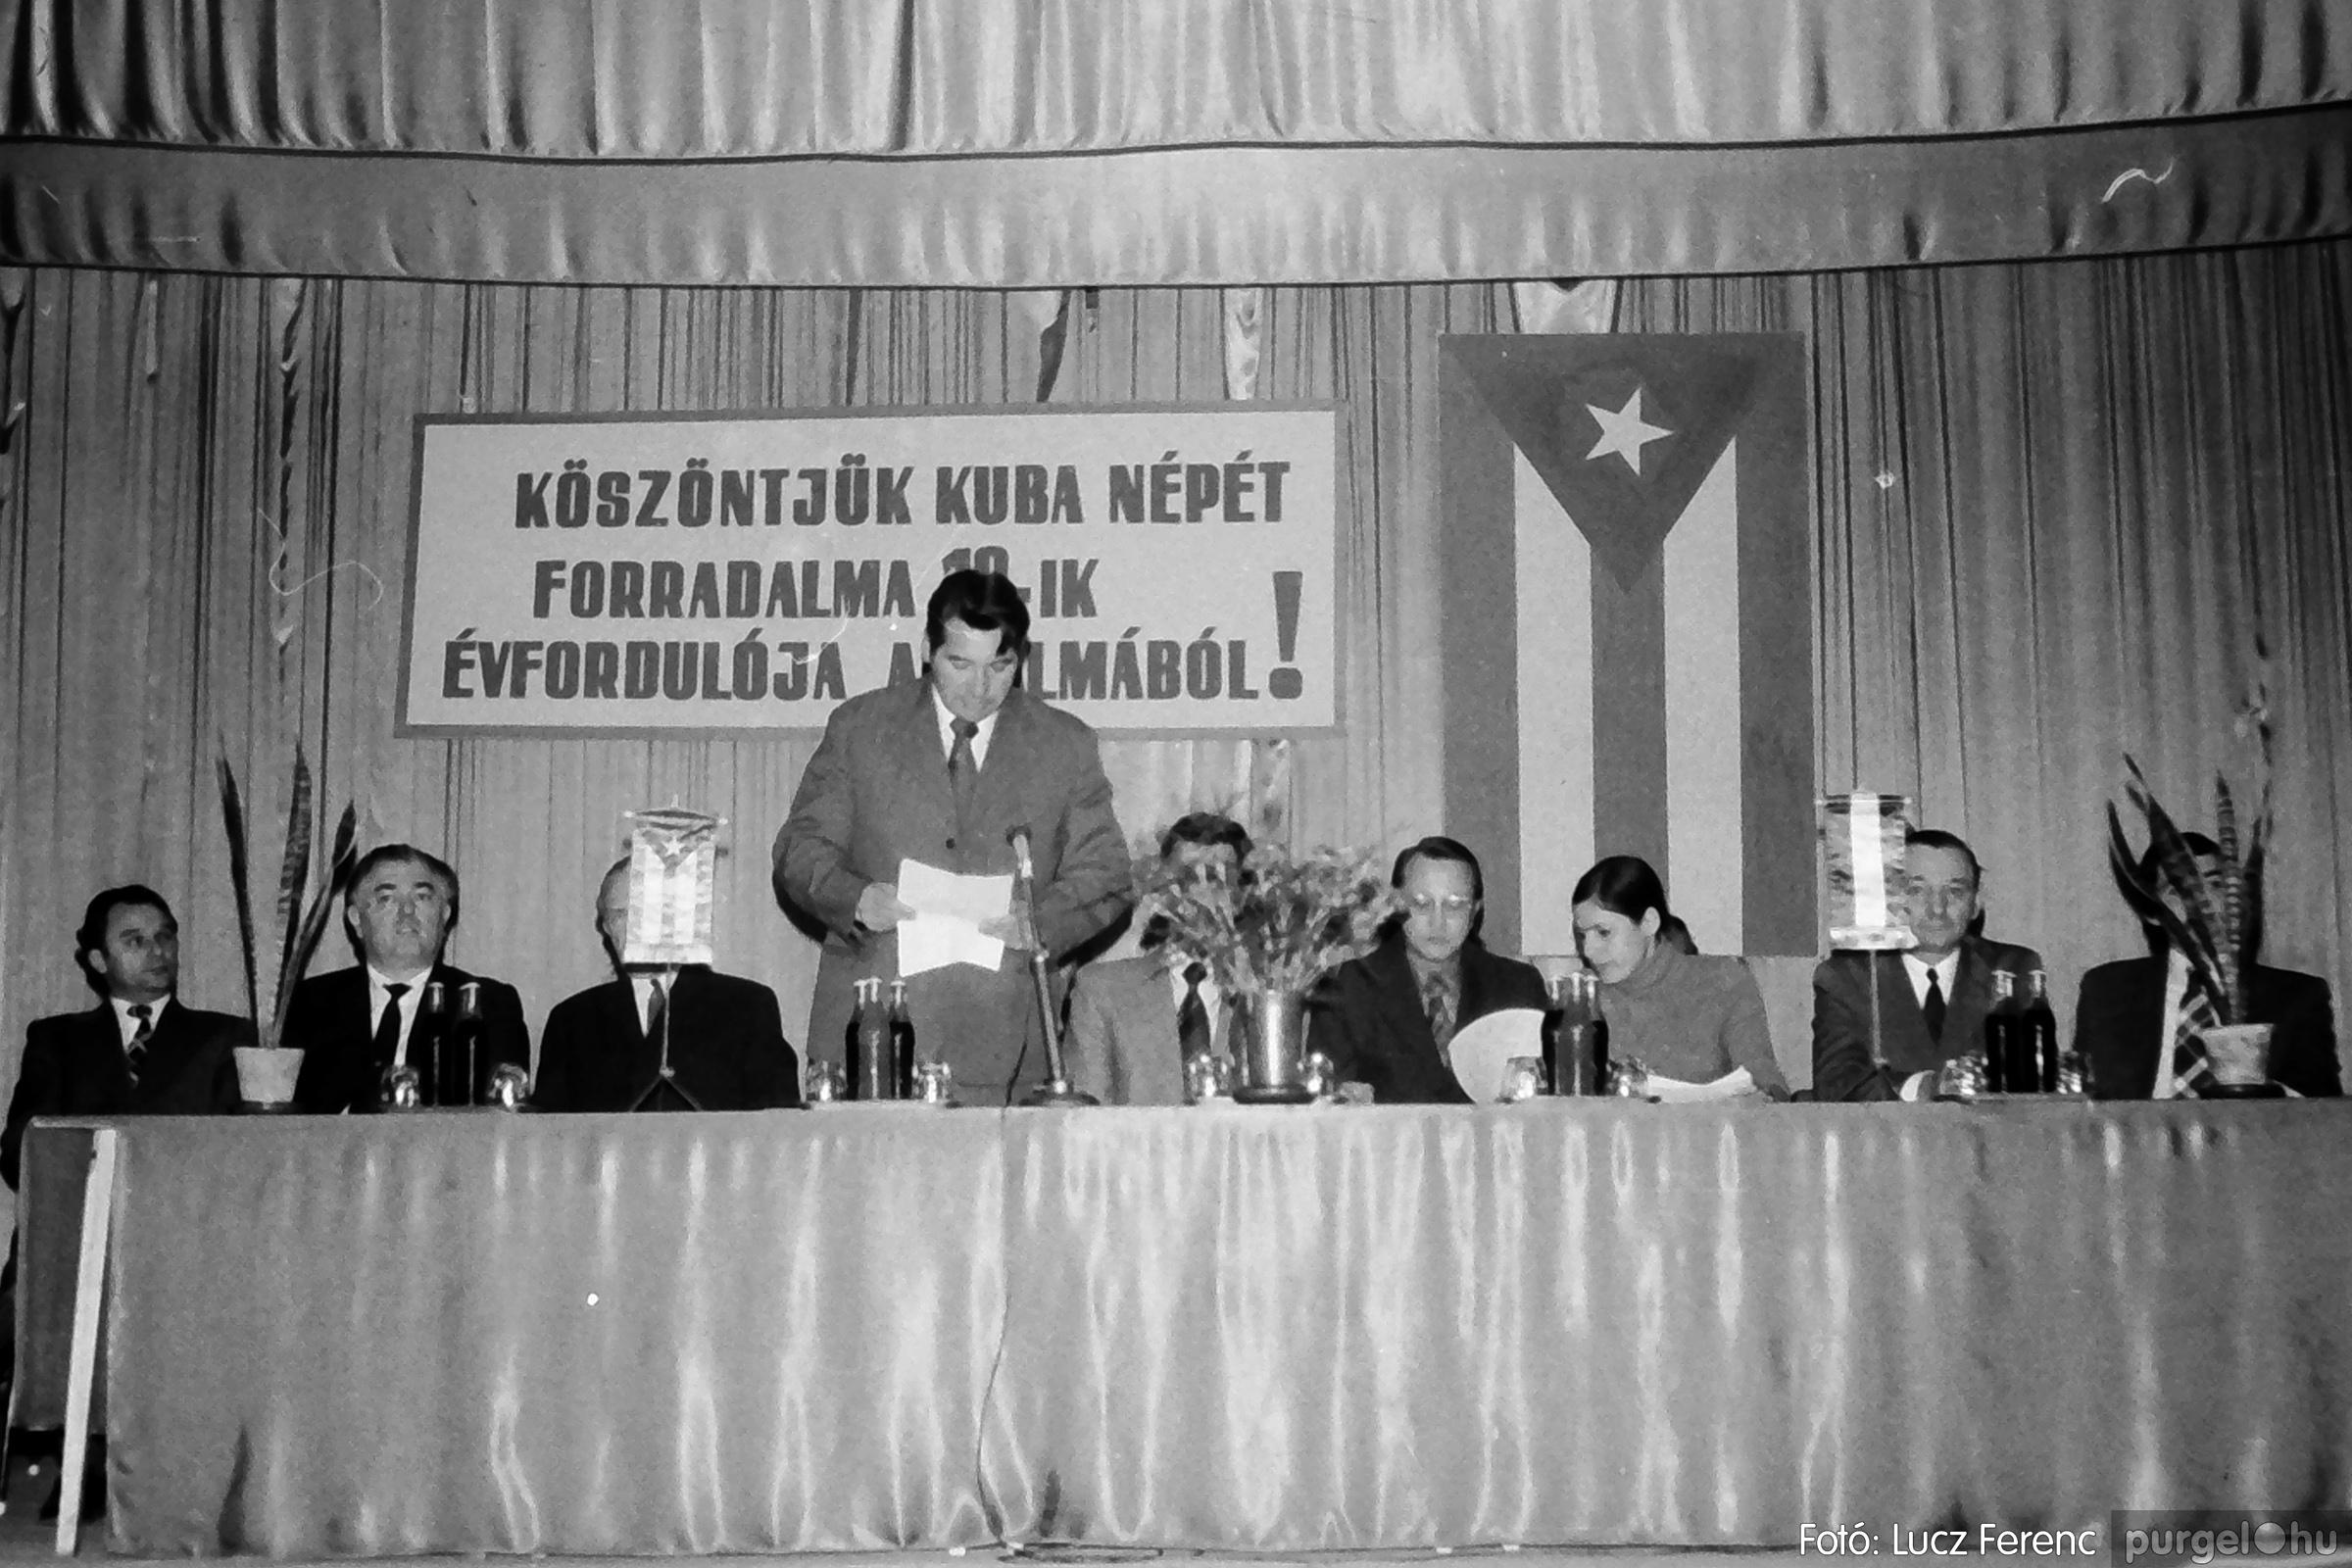 100. 1978. Köszöntjük Kuba népét! 003. - Fotó: Lucz Ferenc.jpg